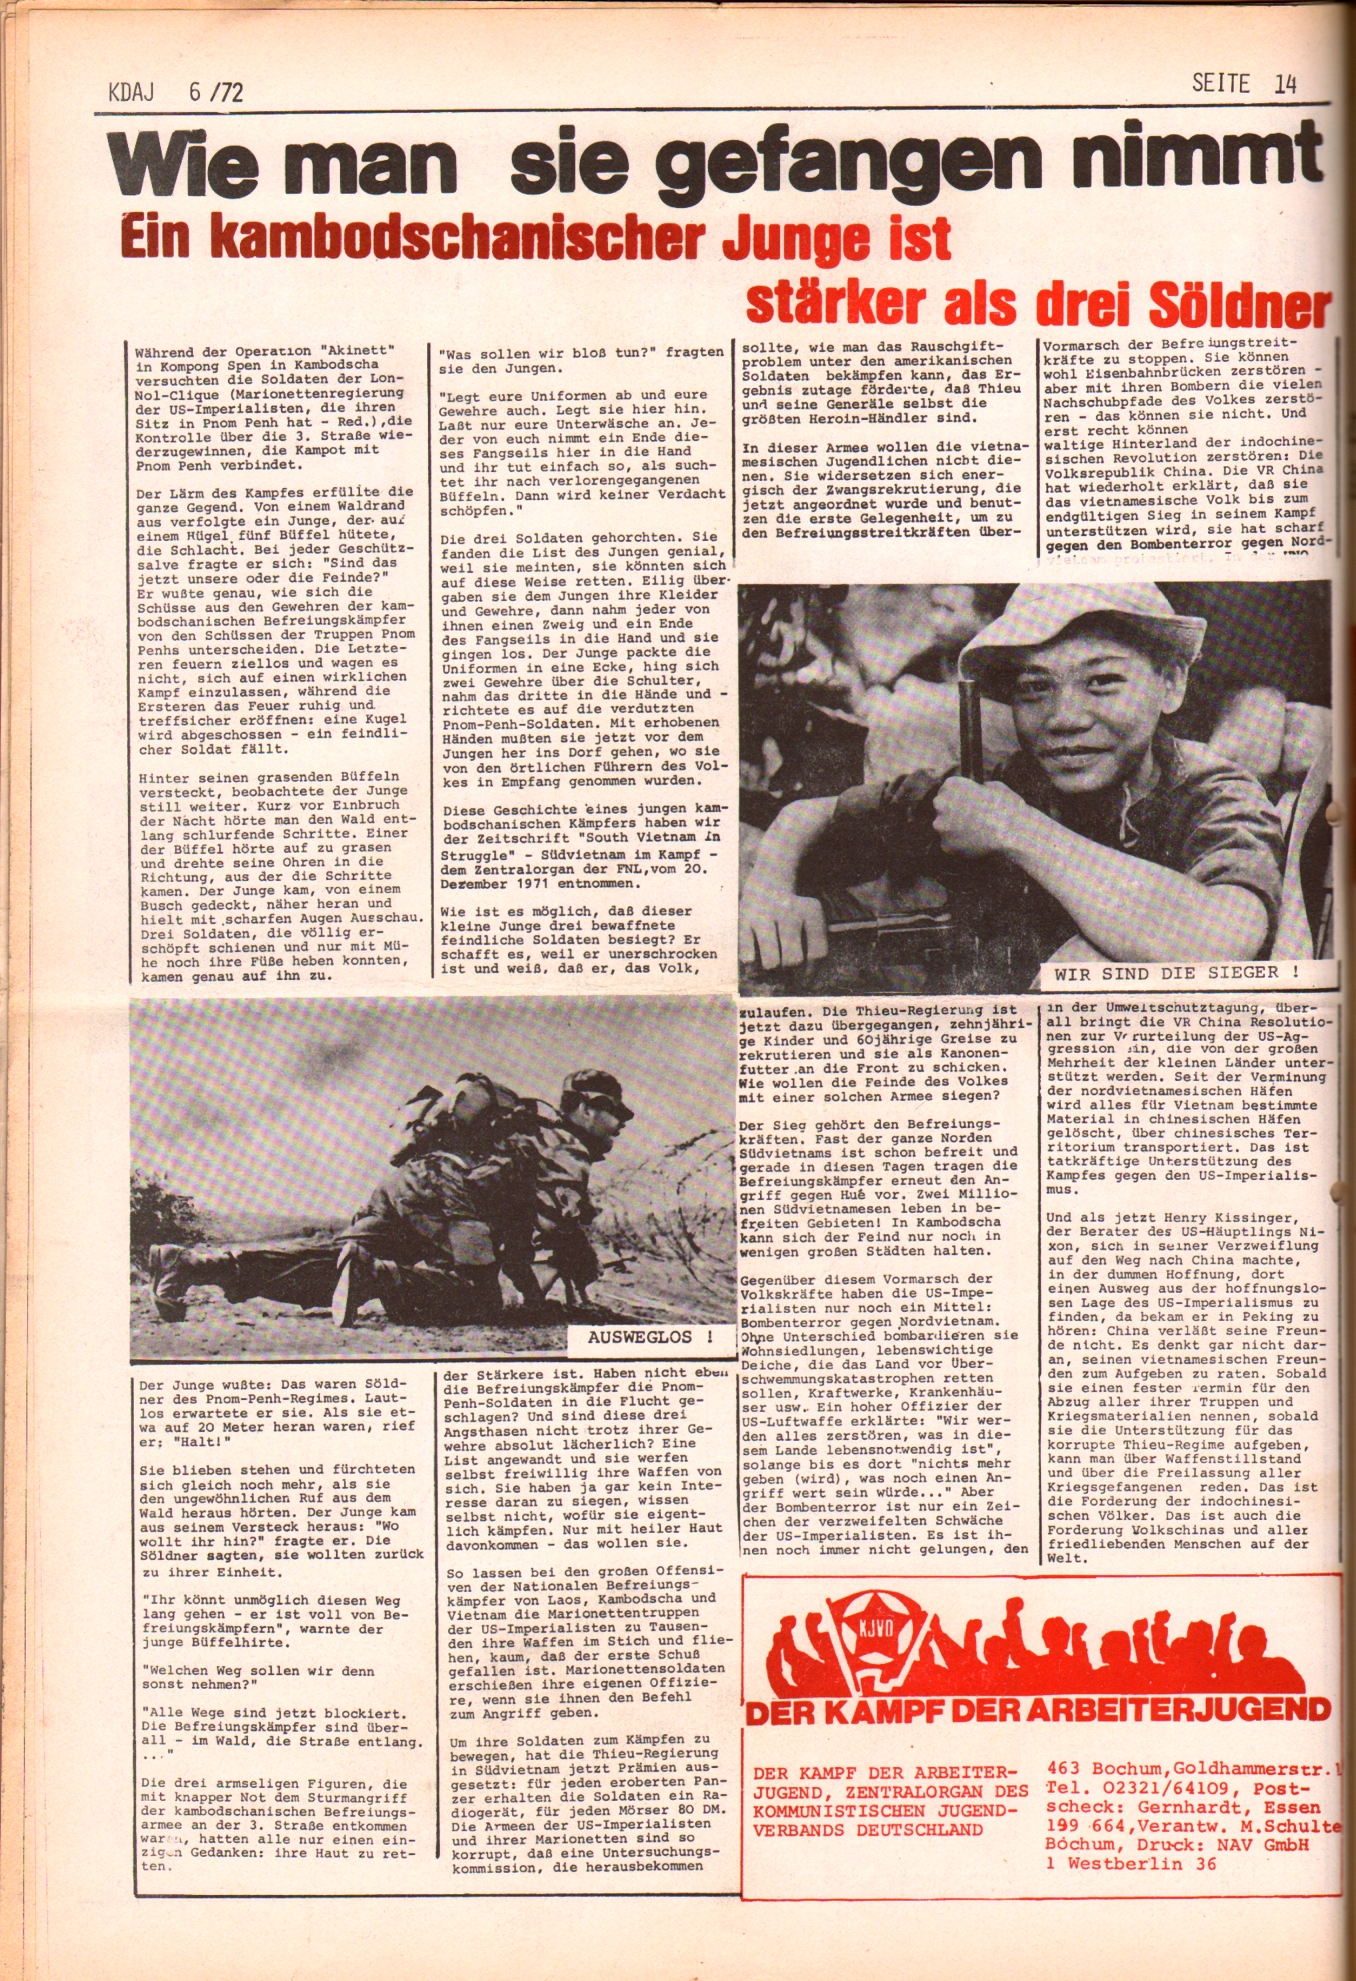 KDAJ, 3. Jg., Juli 1972, Nr. 6, Seite 14